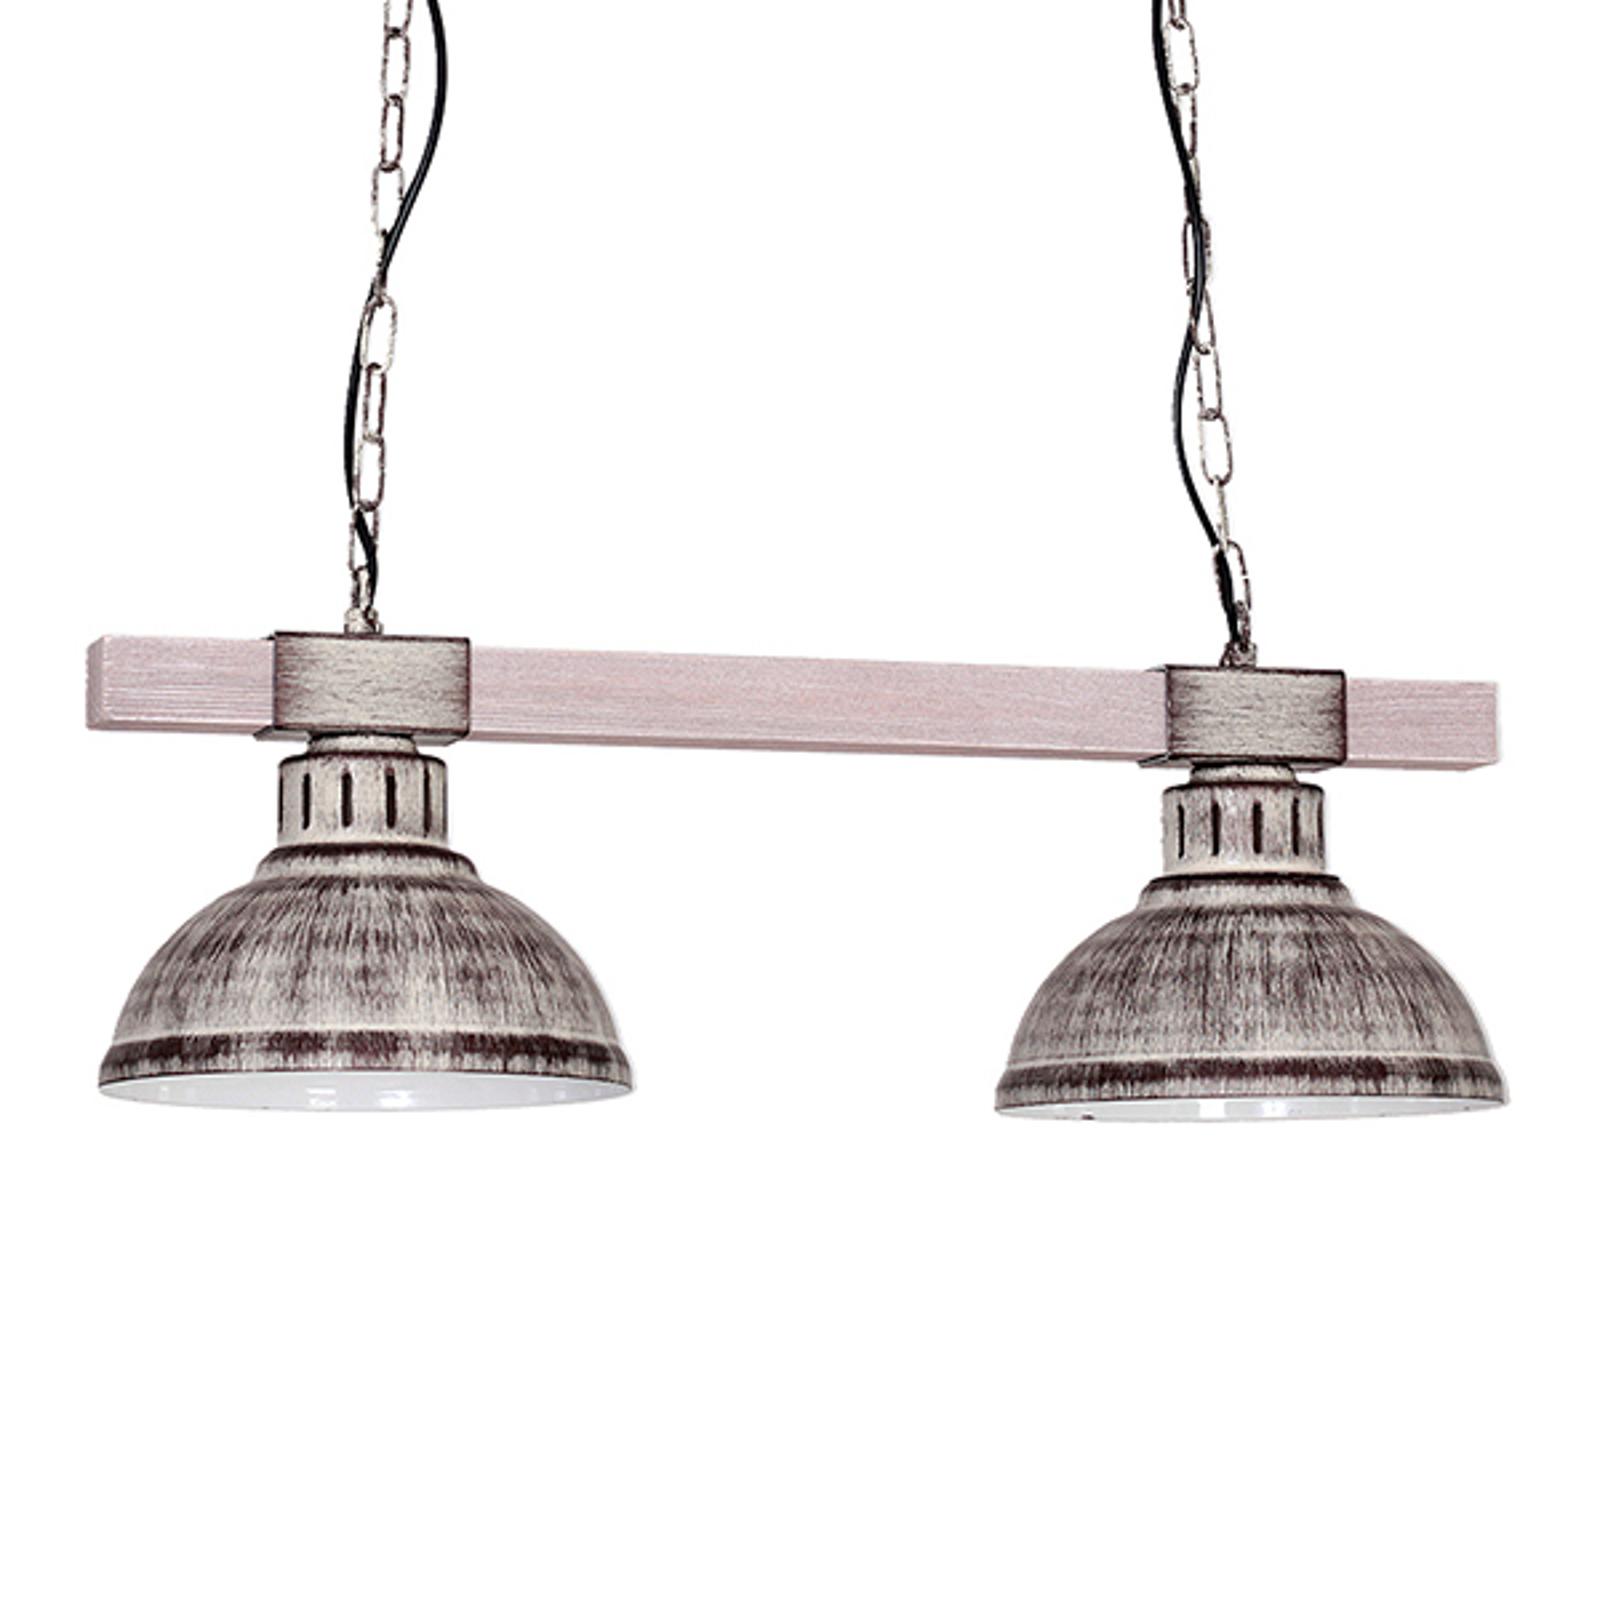 Lampa wisząca Hakon 2-pkt. żelazo/jasne drewno